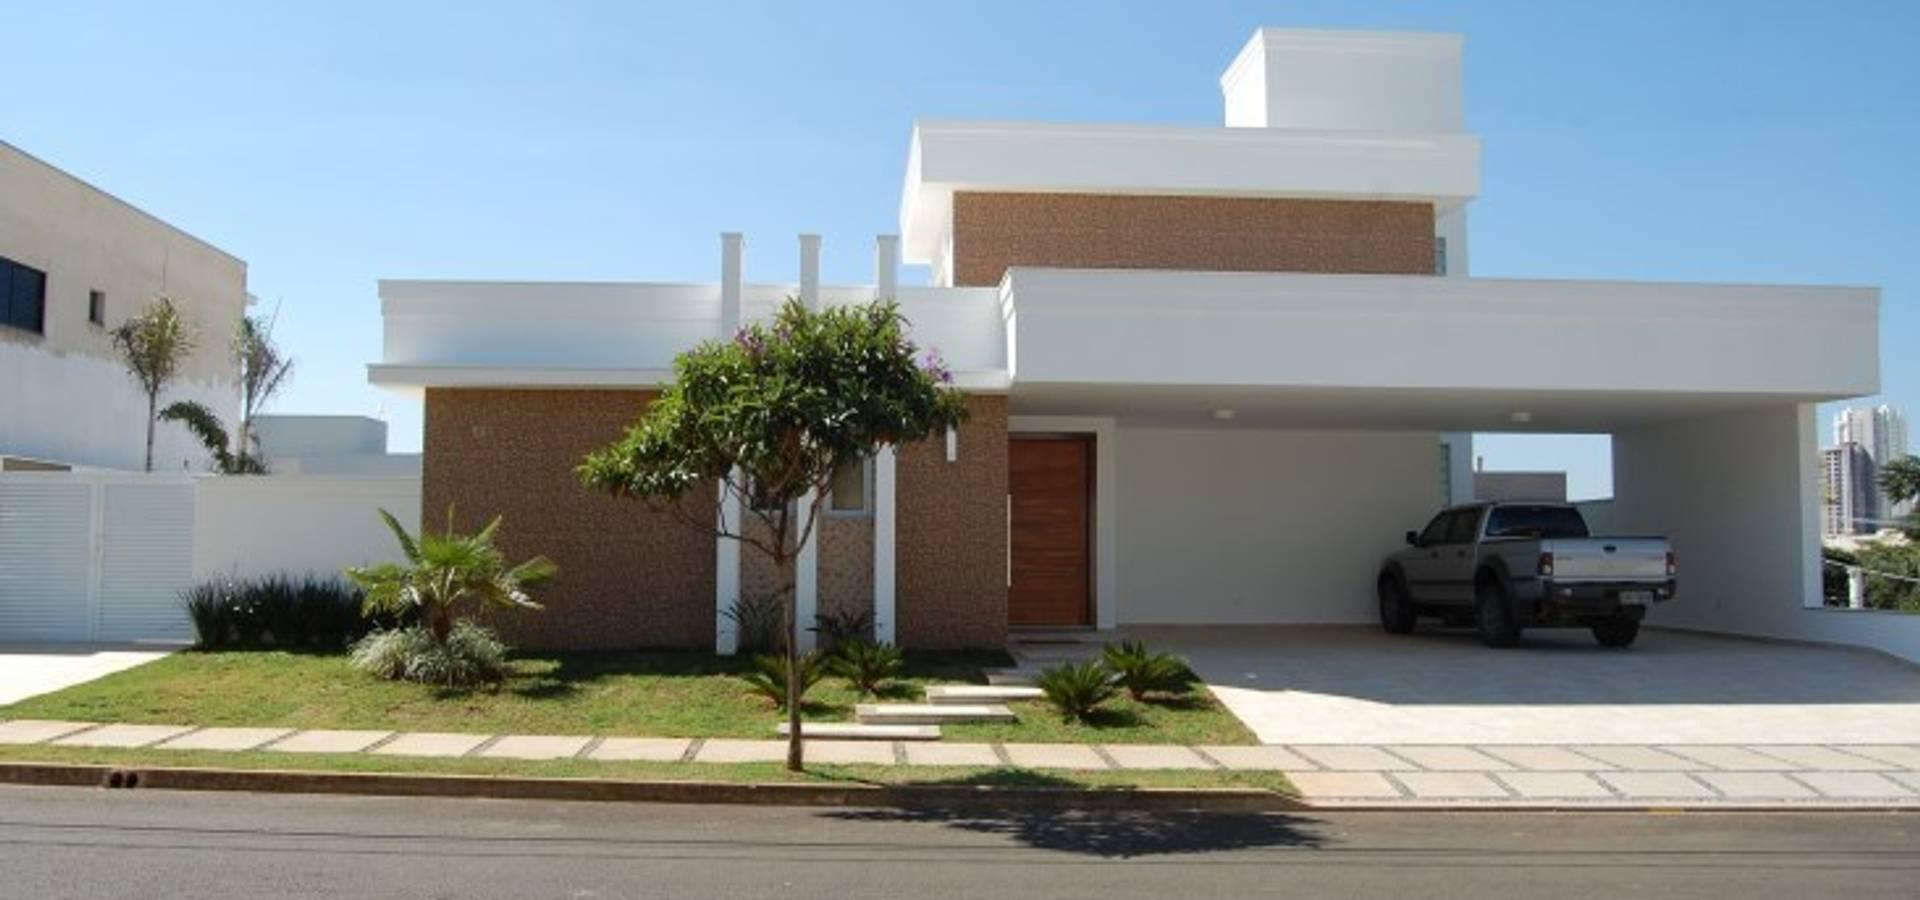 MARIA IGNEZ DELUNO arquitetura